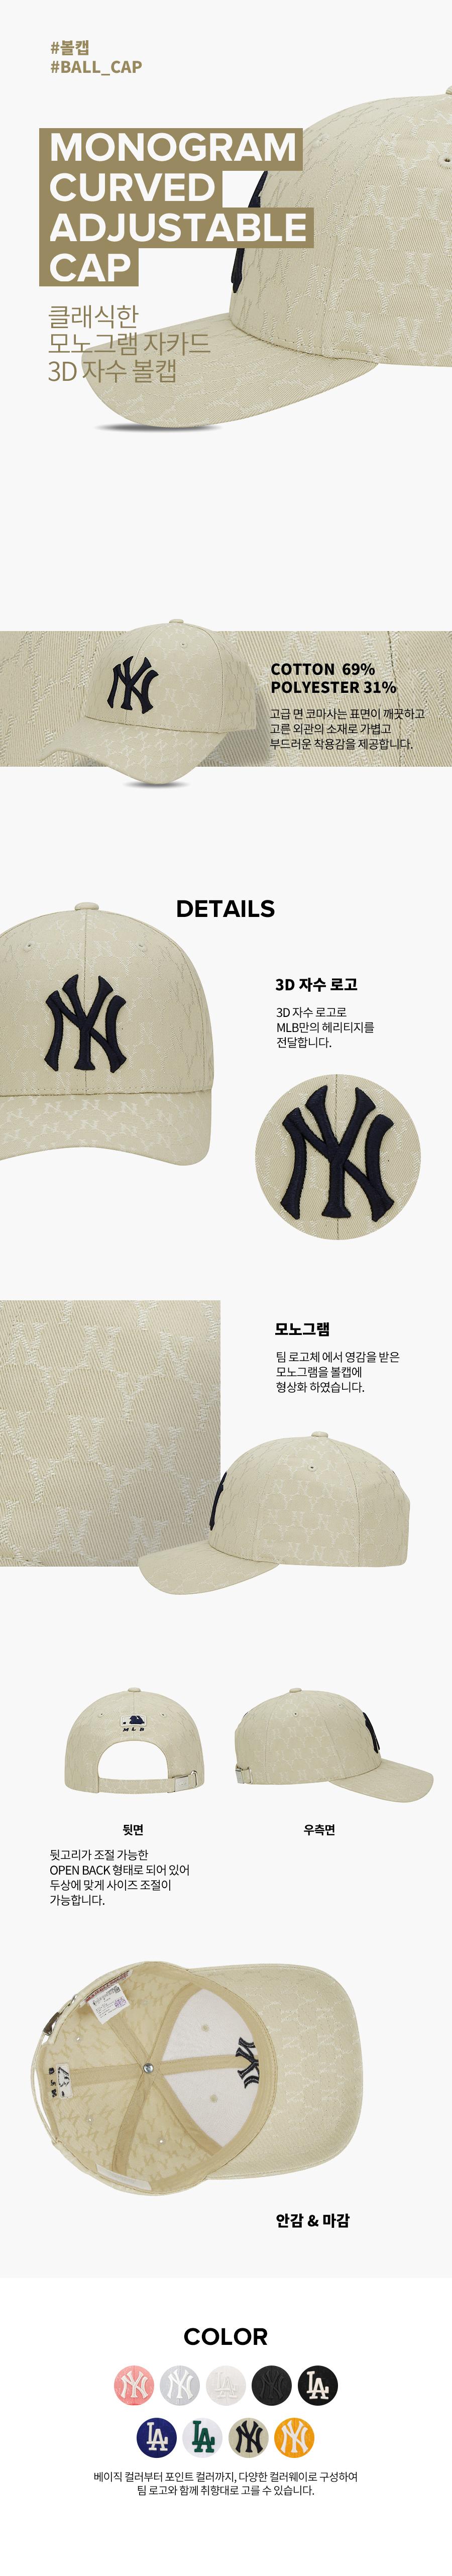 엠엘비(MLB) 클래식 자카드 모노그램 자카드 스트럭쳐 볼캡 NY (BEIGE)